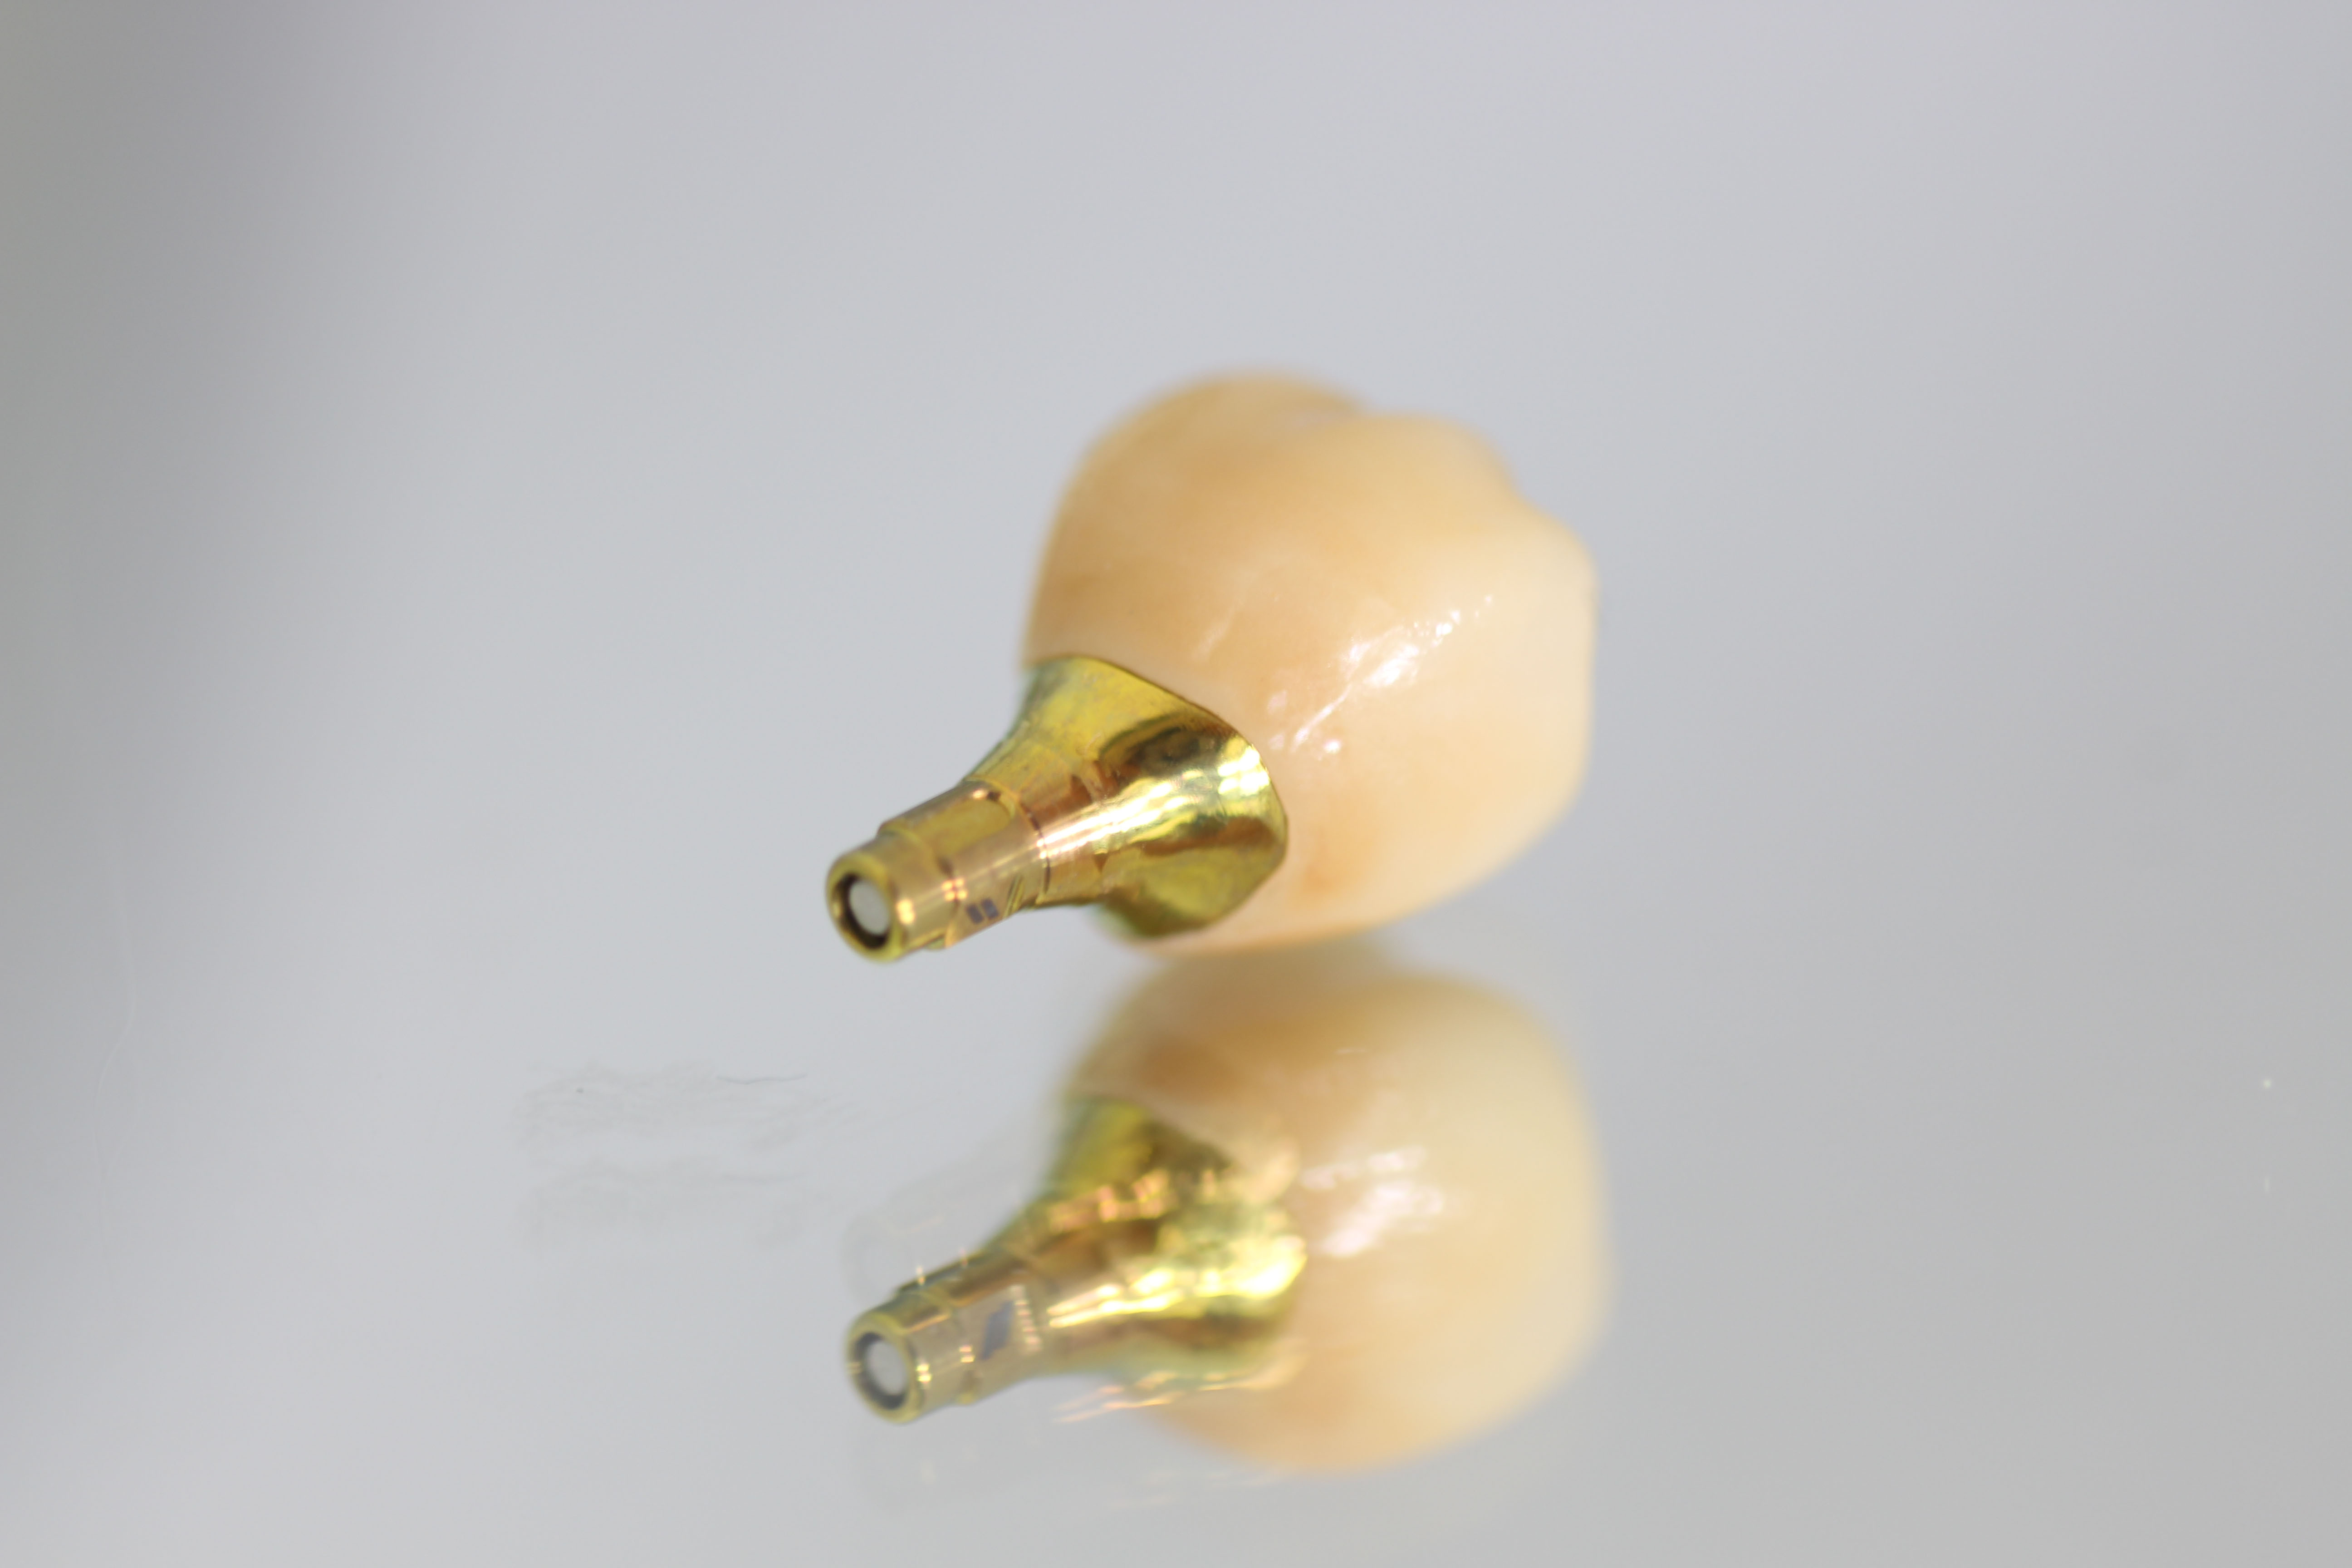 indiv-abutment-titan-implantec-anodisierung